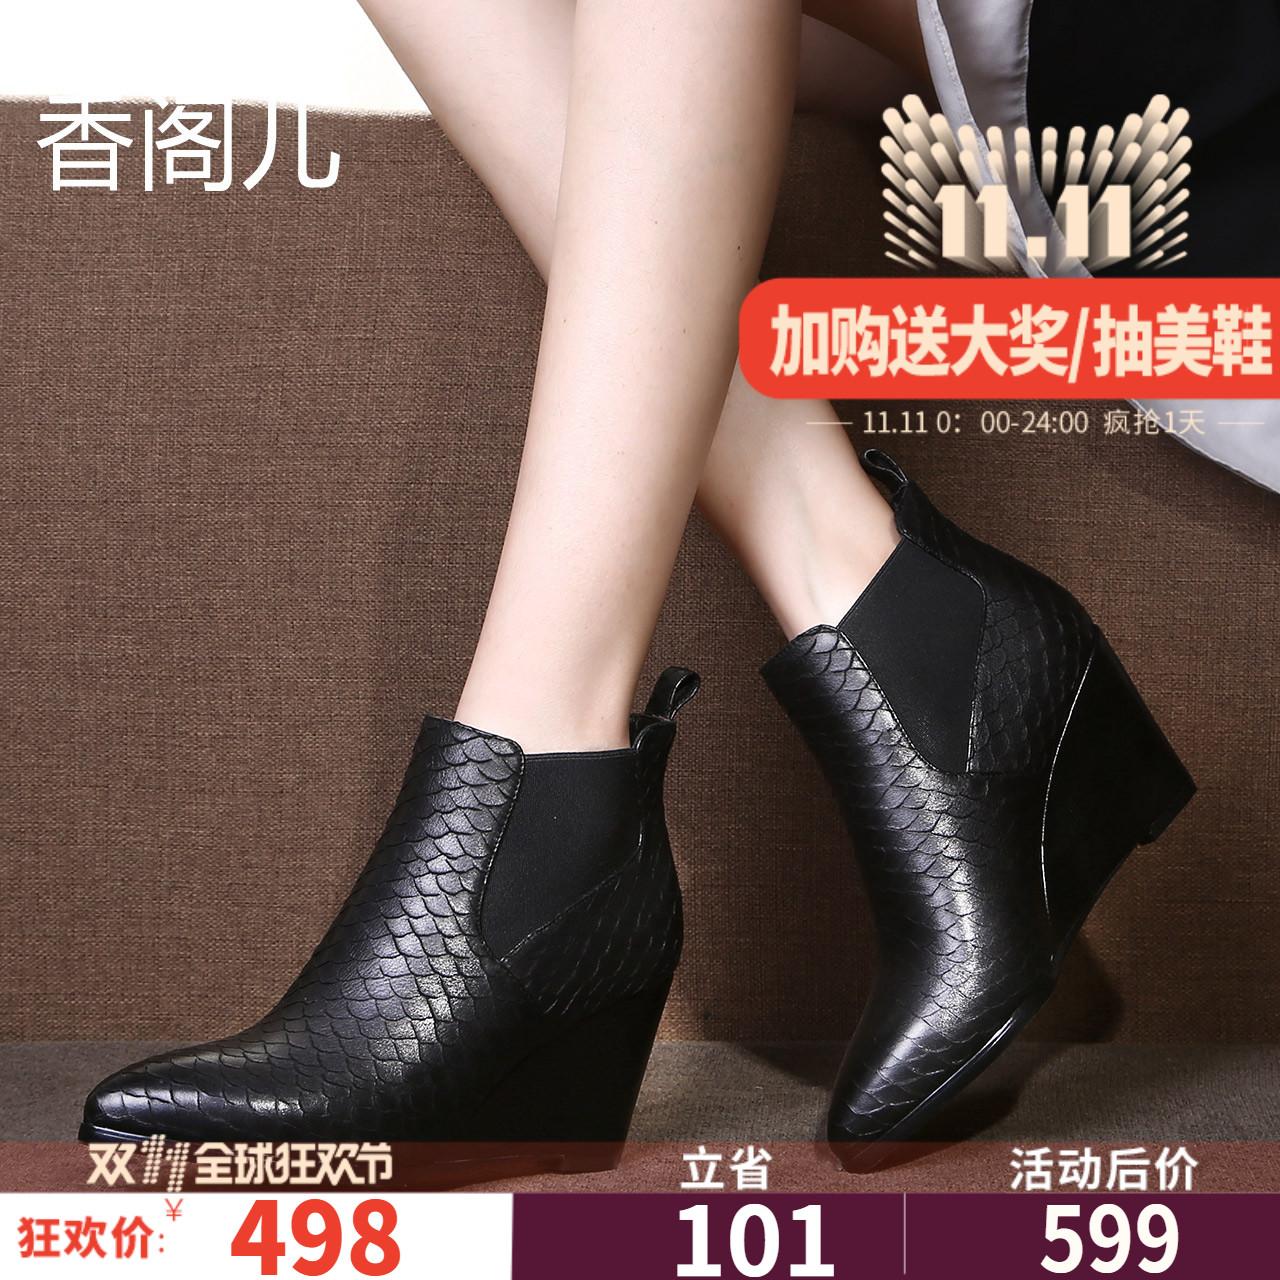 香阁儿2016短靴女新款坡跟女靴子尖头简约舒适高跟蛇纹靴子女图片